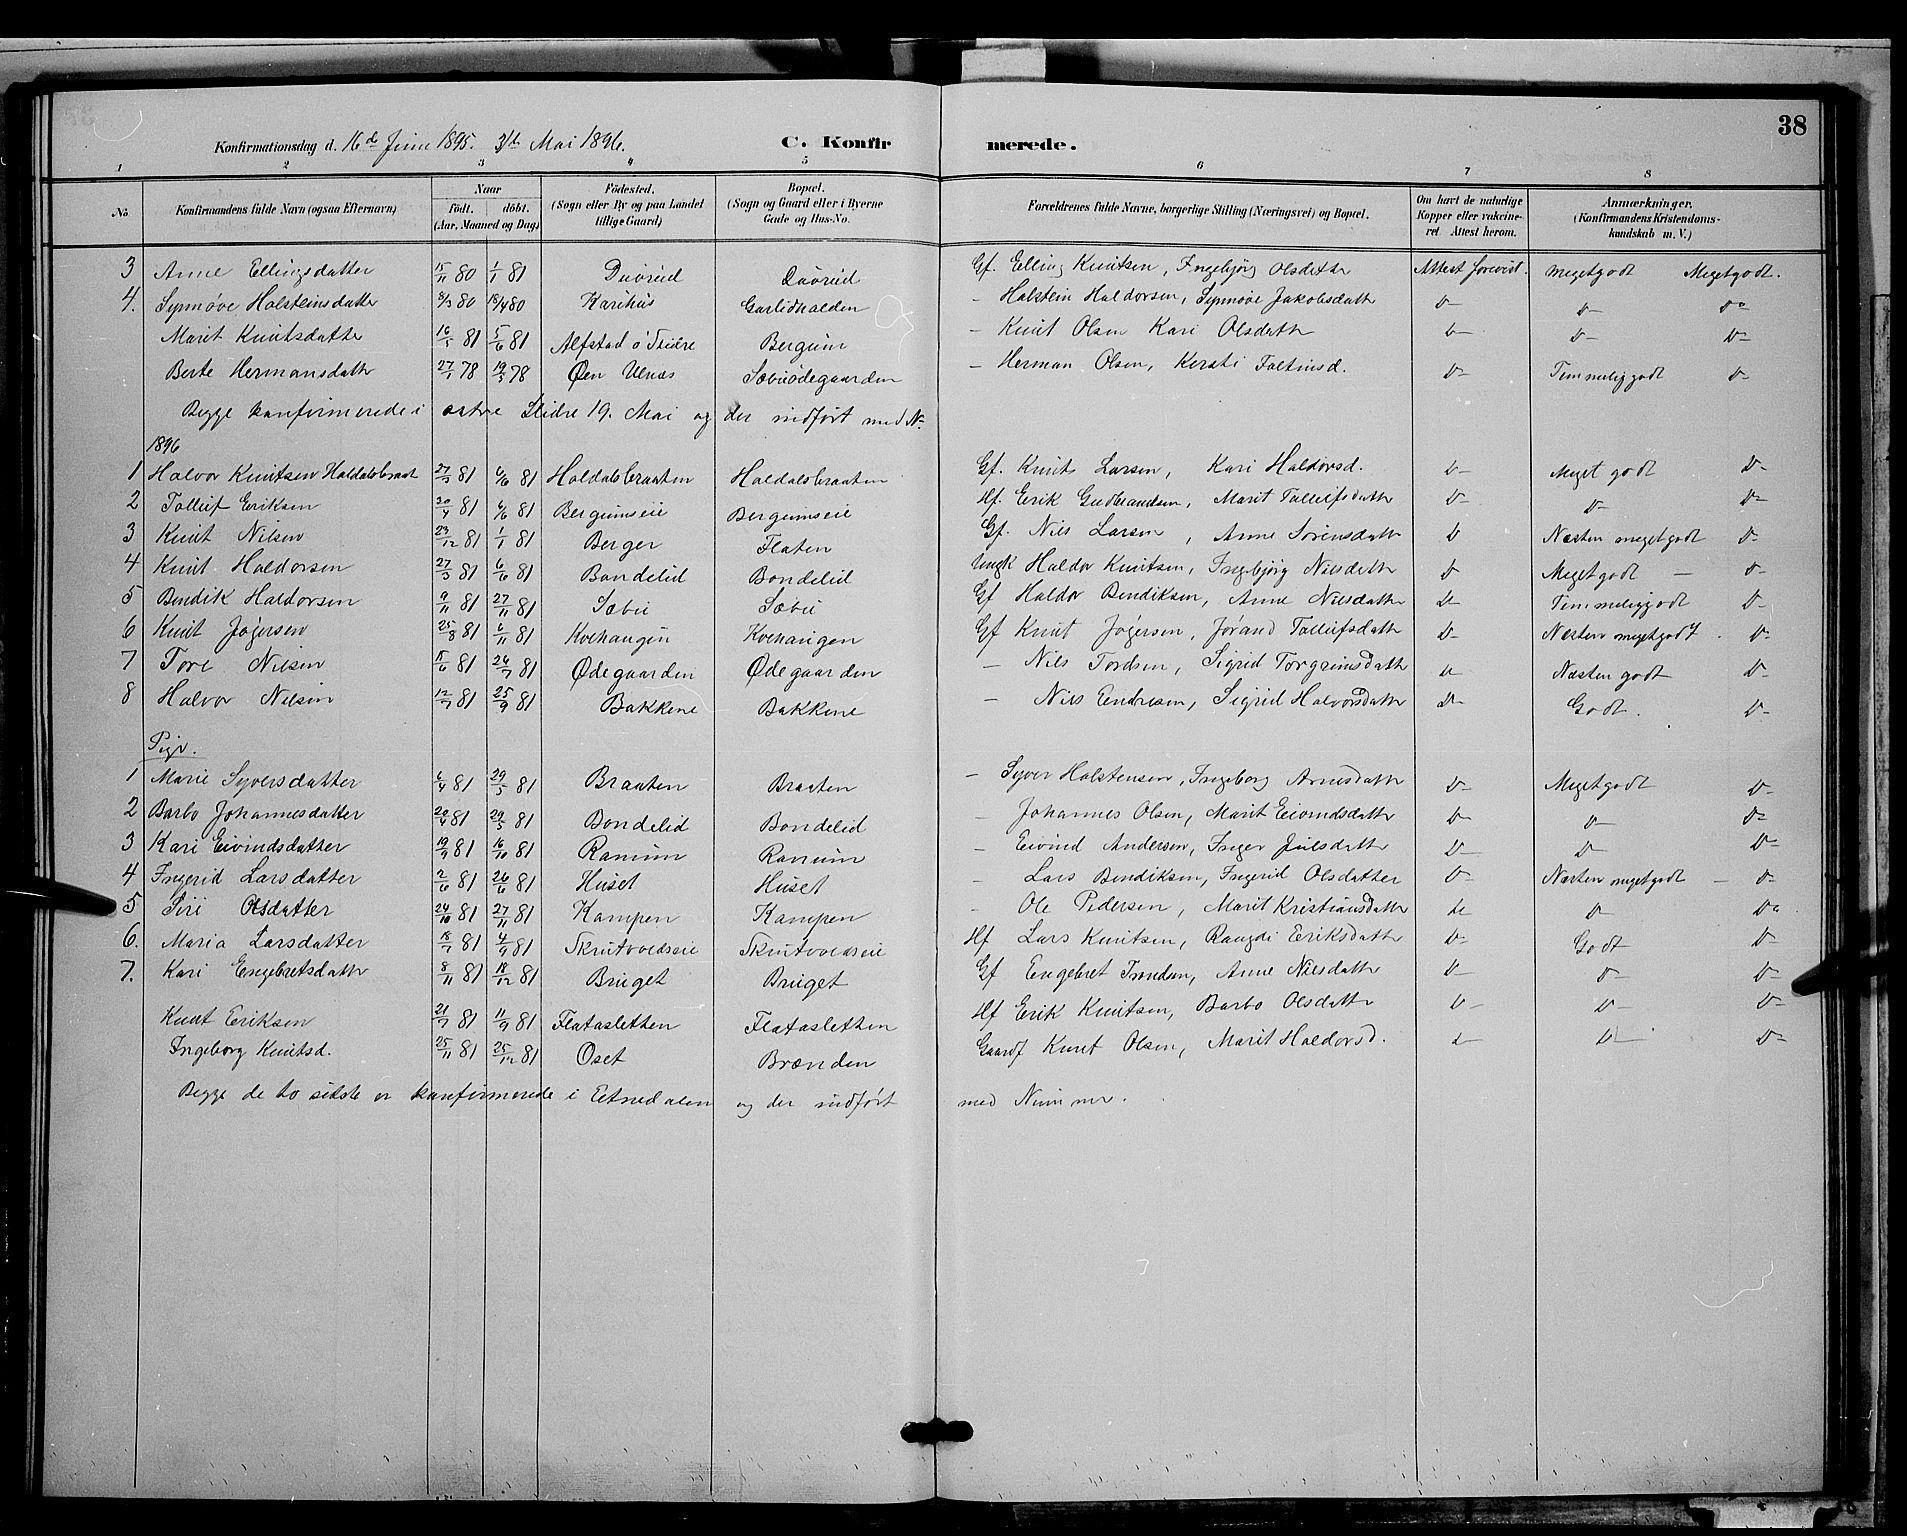 SAH, Nord-Aurdal prestekontor, Klokkerbok nr. 9, 1887-1897, s. 38